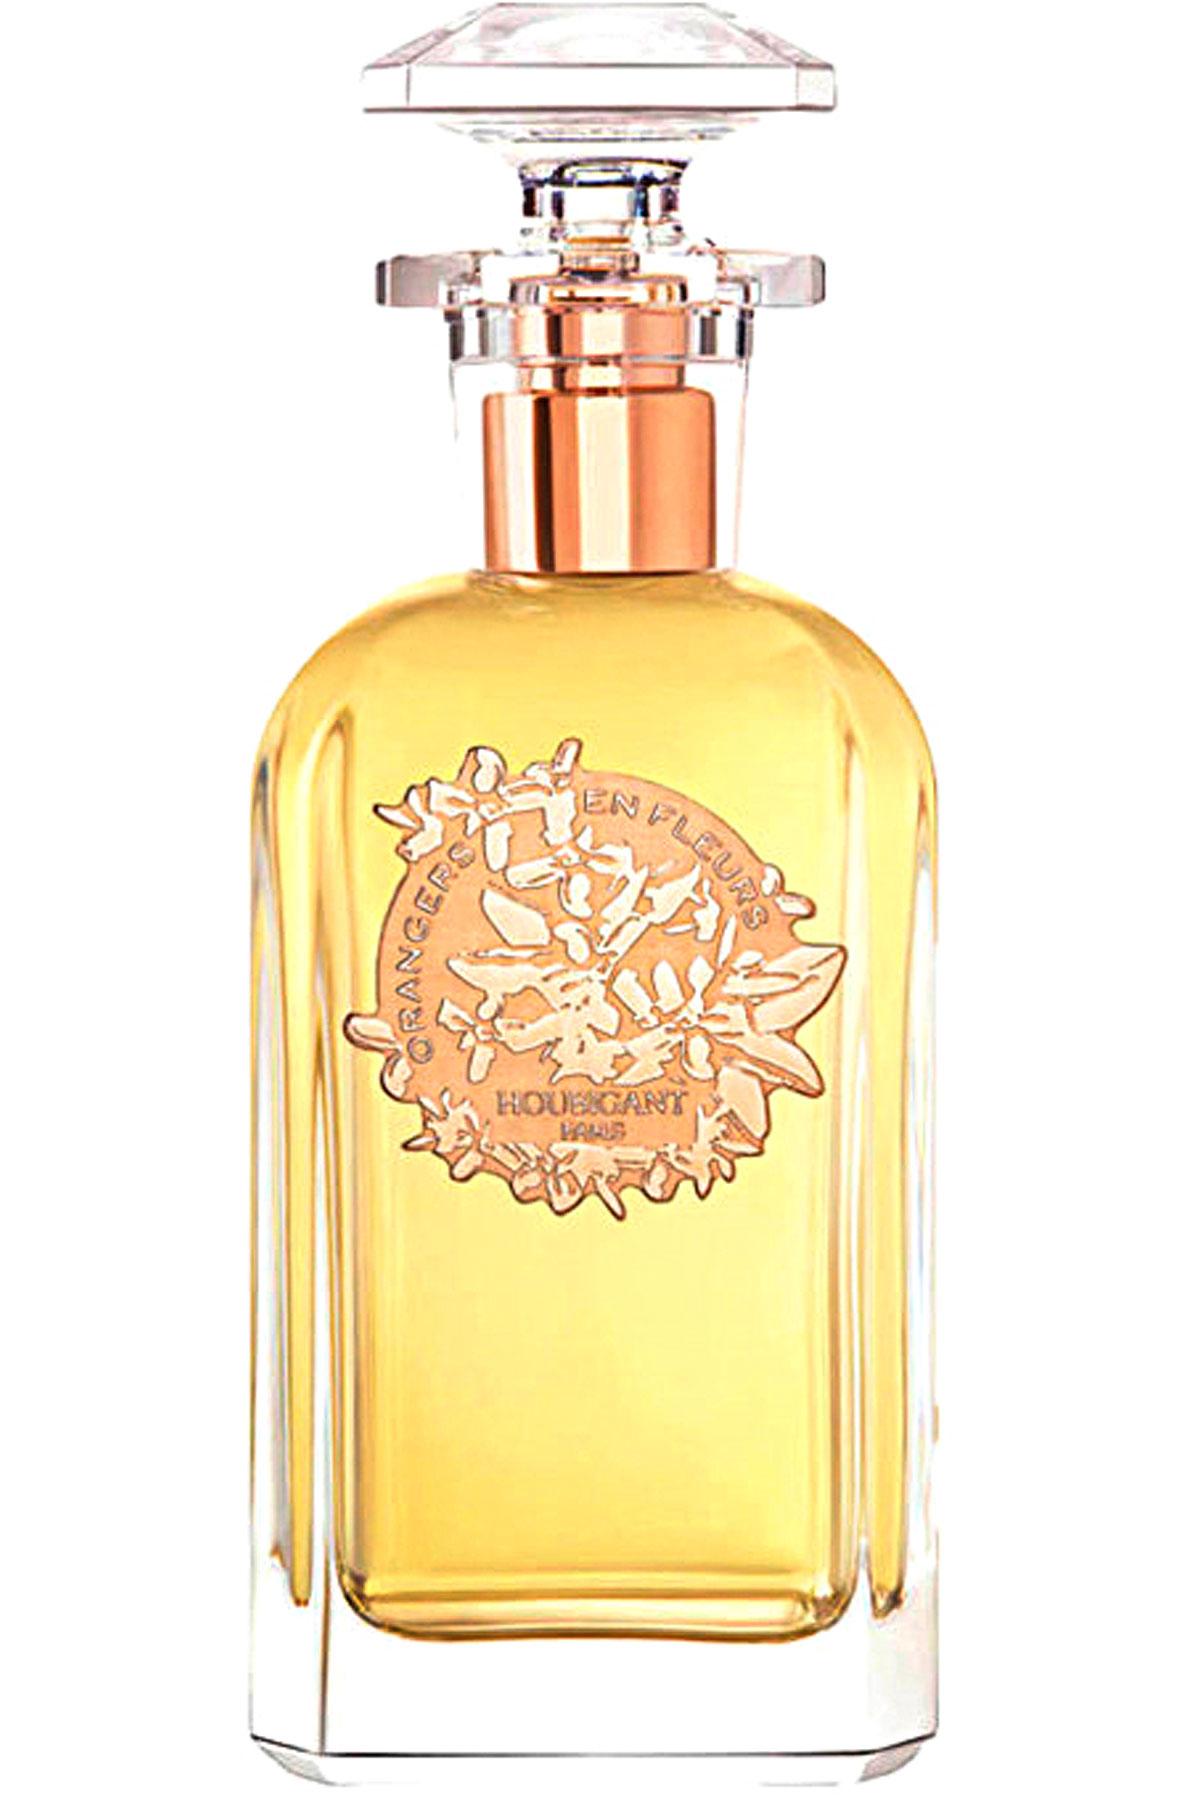 Houbigant Paris Fragrances for Women, Orangers En Fleurs - Eau De Parfum - 100 Ml, 2019, 100 ml